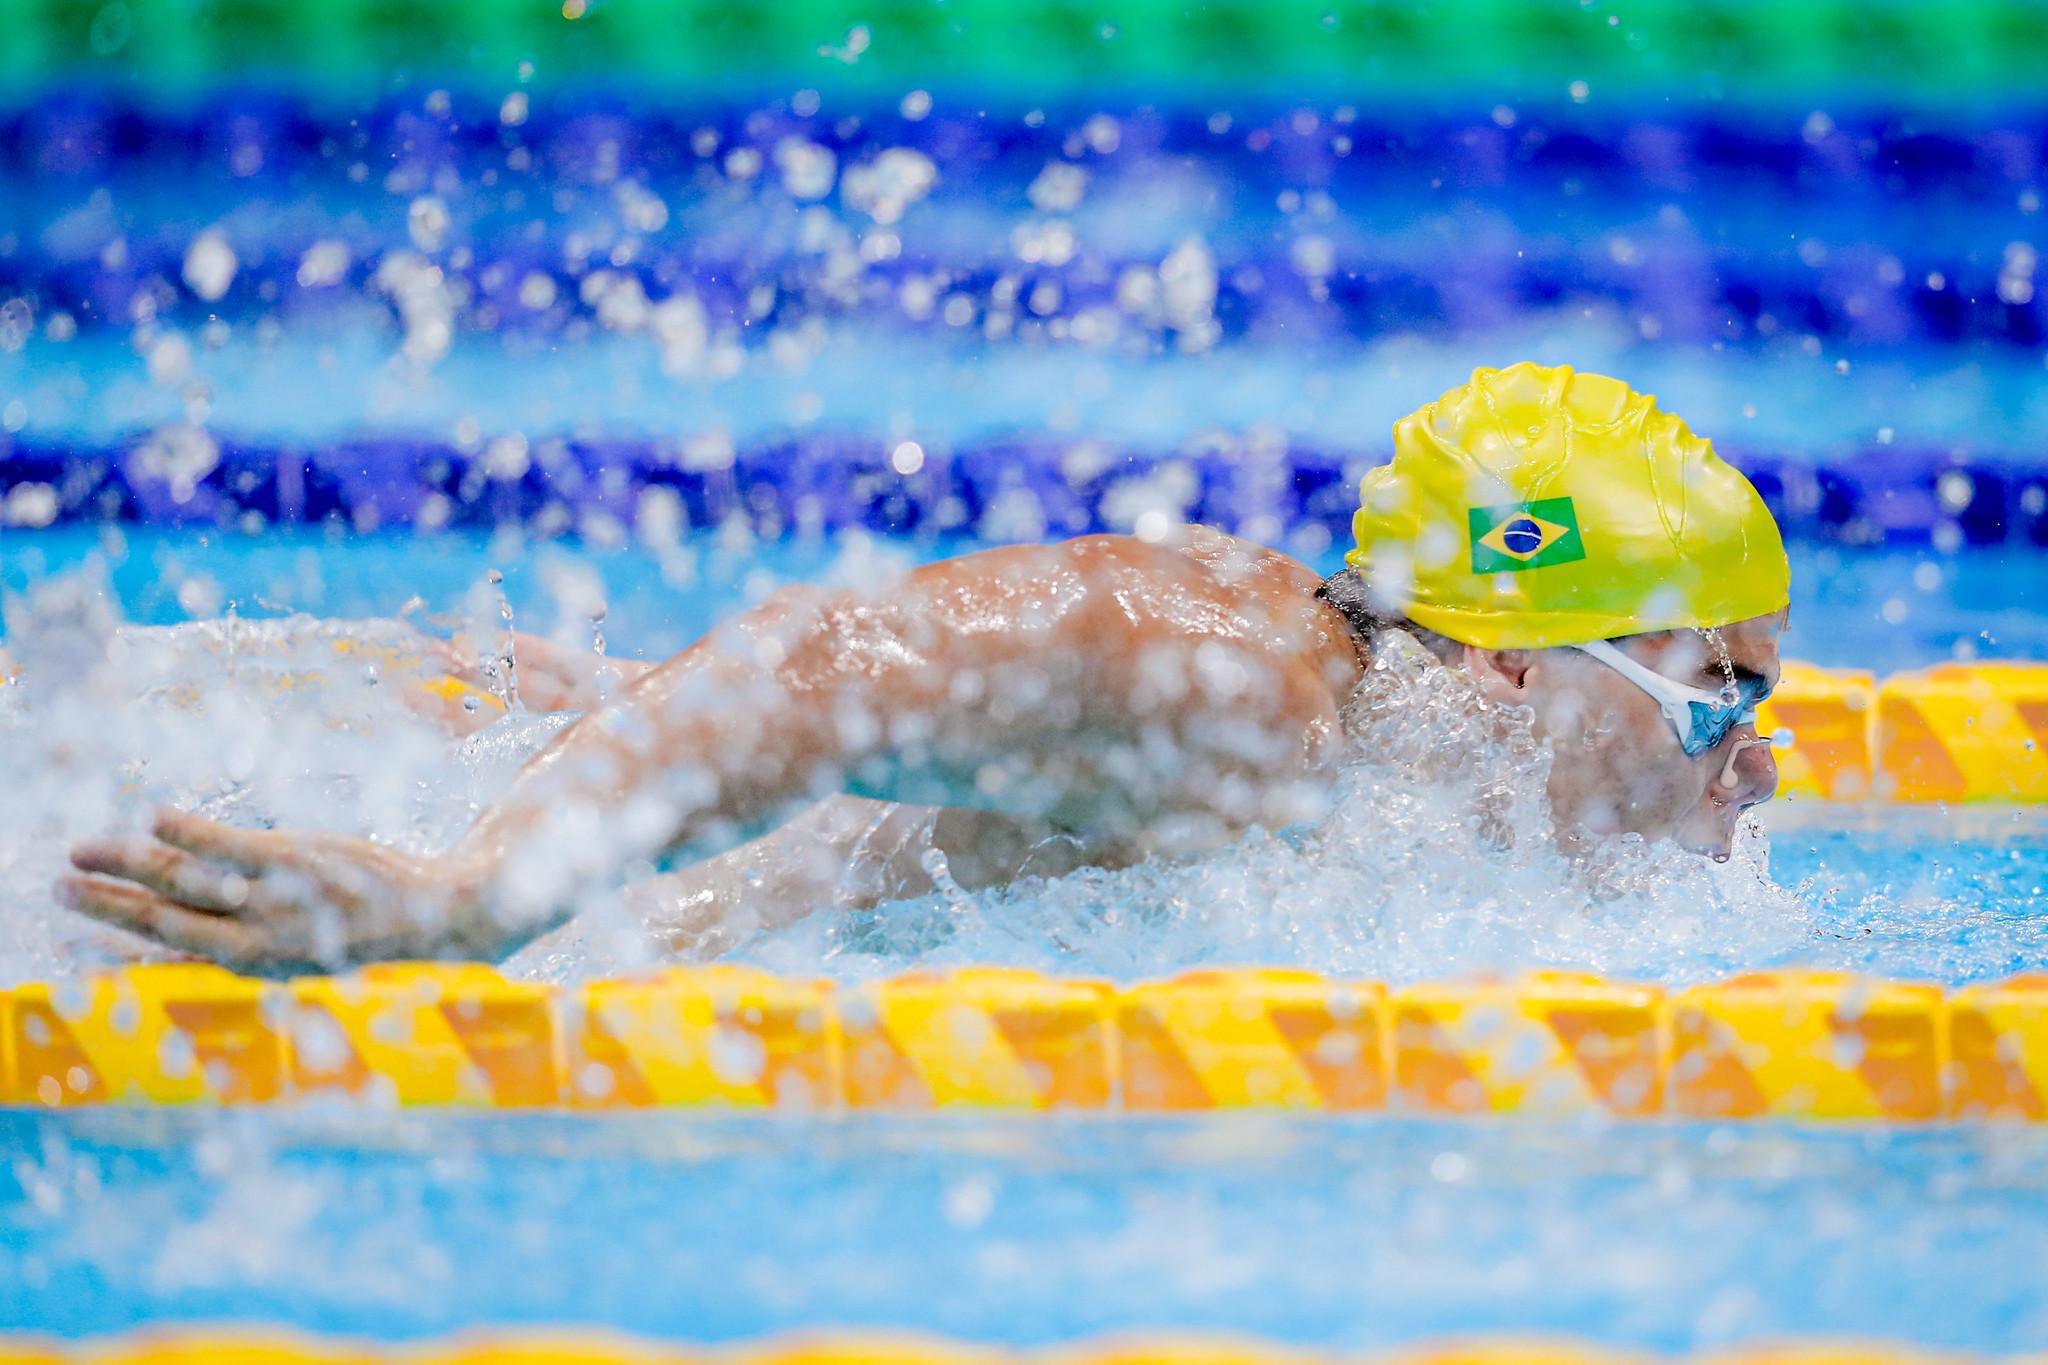 Gabriel Bandeira faz o nado borboelta. Ele usa uma touca amarela e está com os braços para trás, acima da linha da água